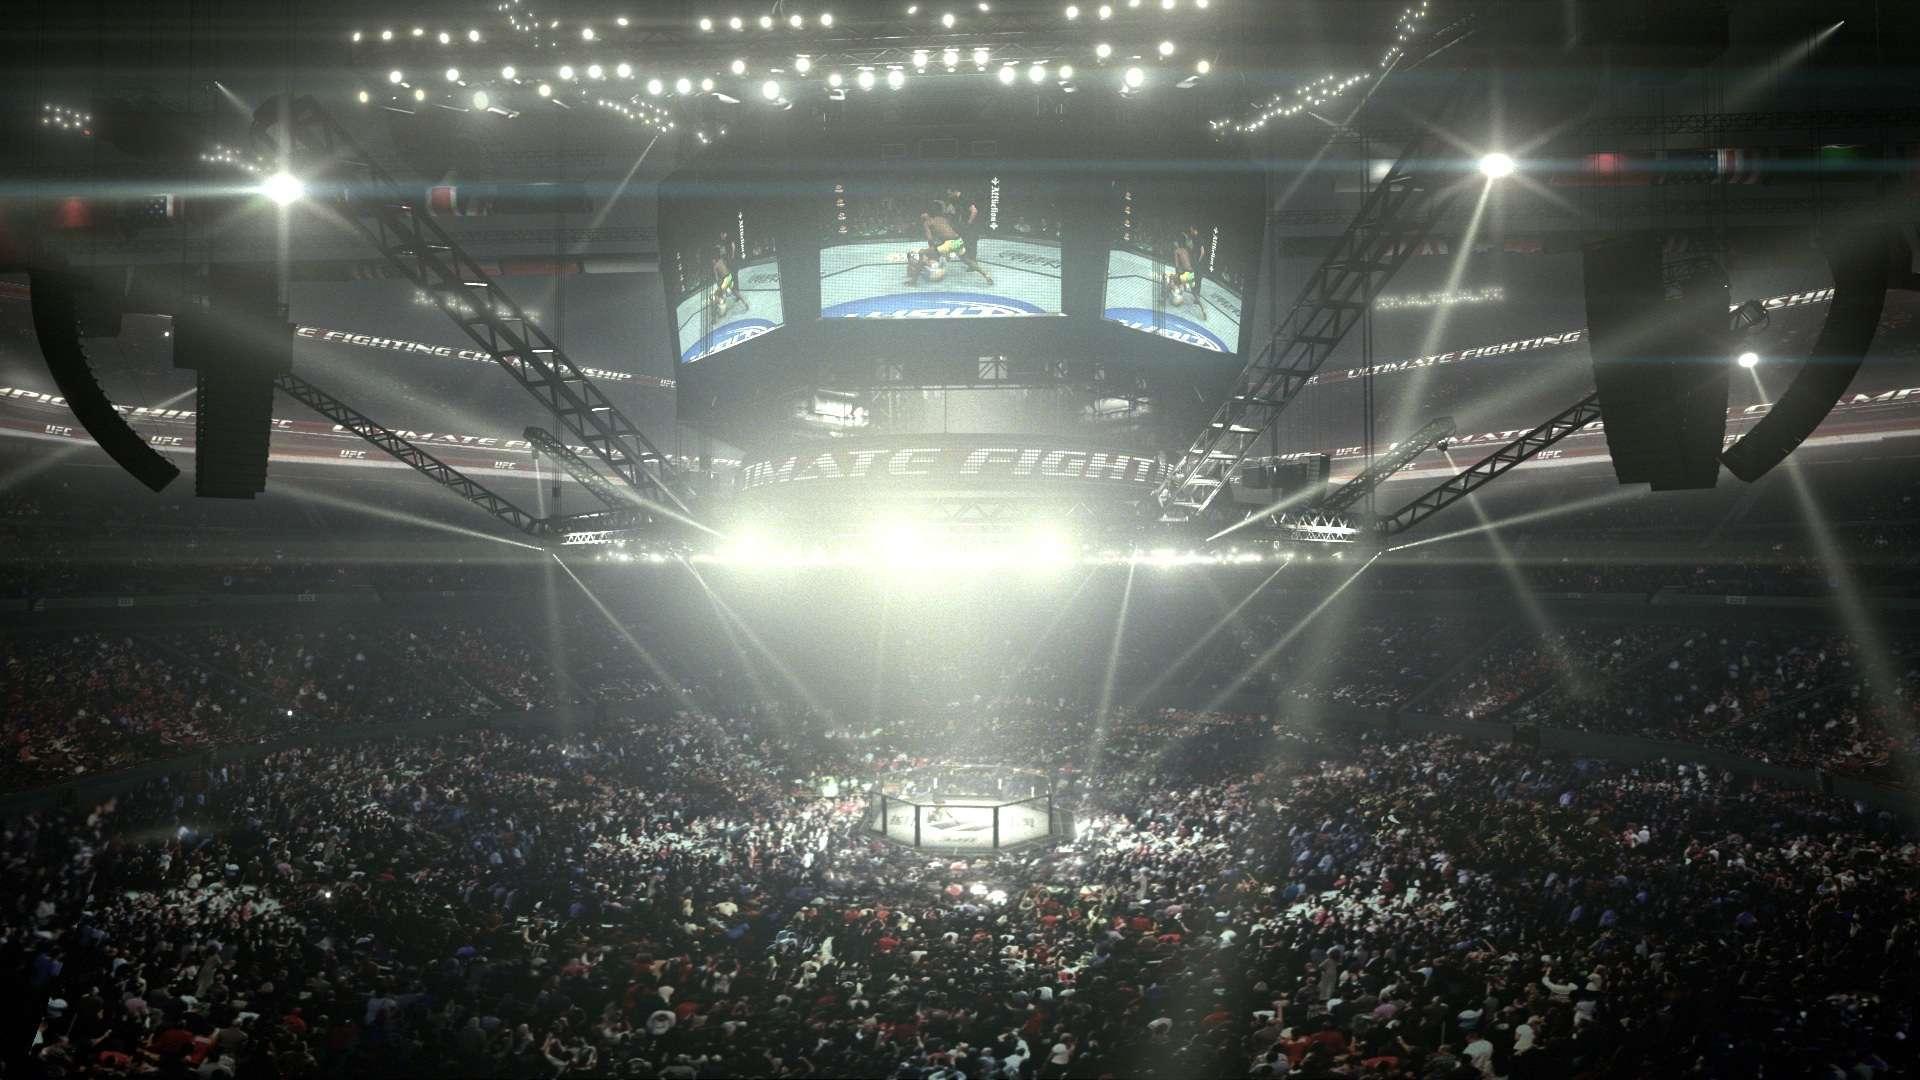 Wallpaper UFC 18 HD Wallpaper Upload at December 9 2014 by Adam Fox 1920x1080